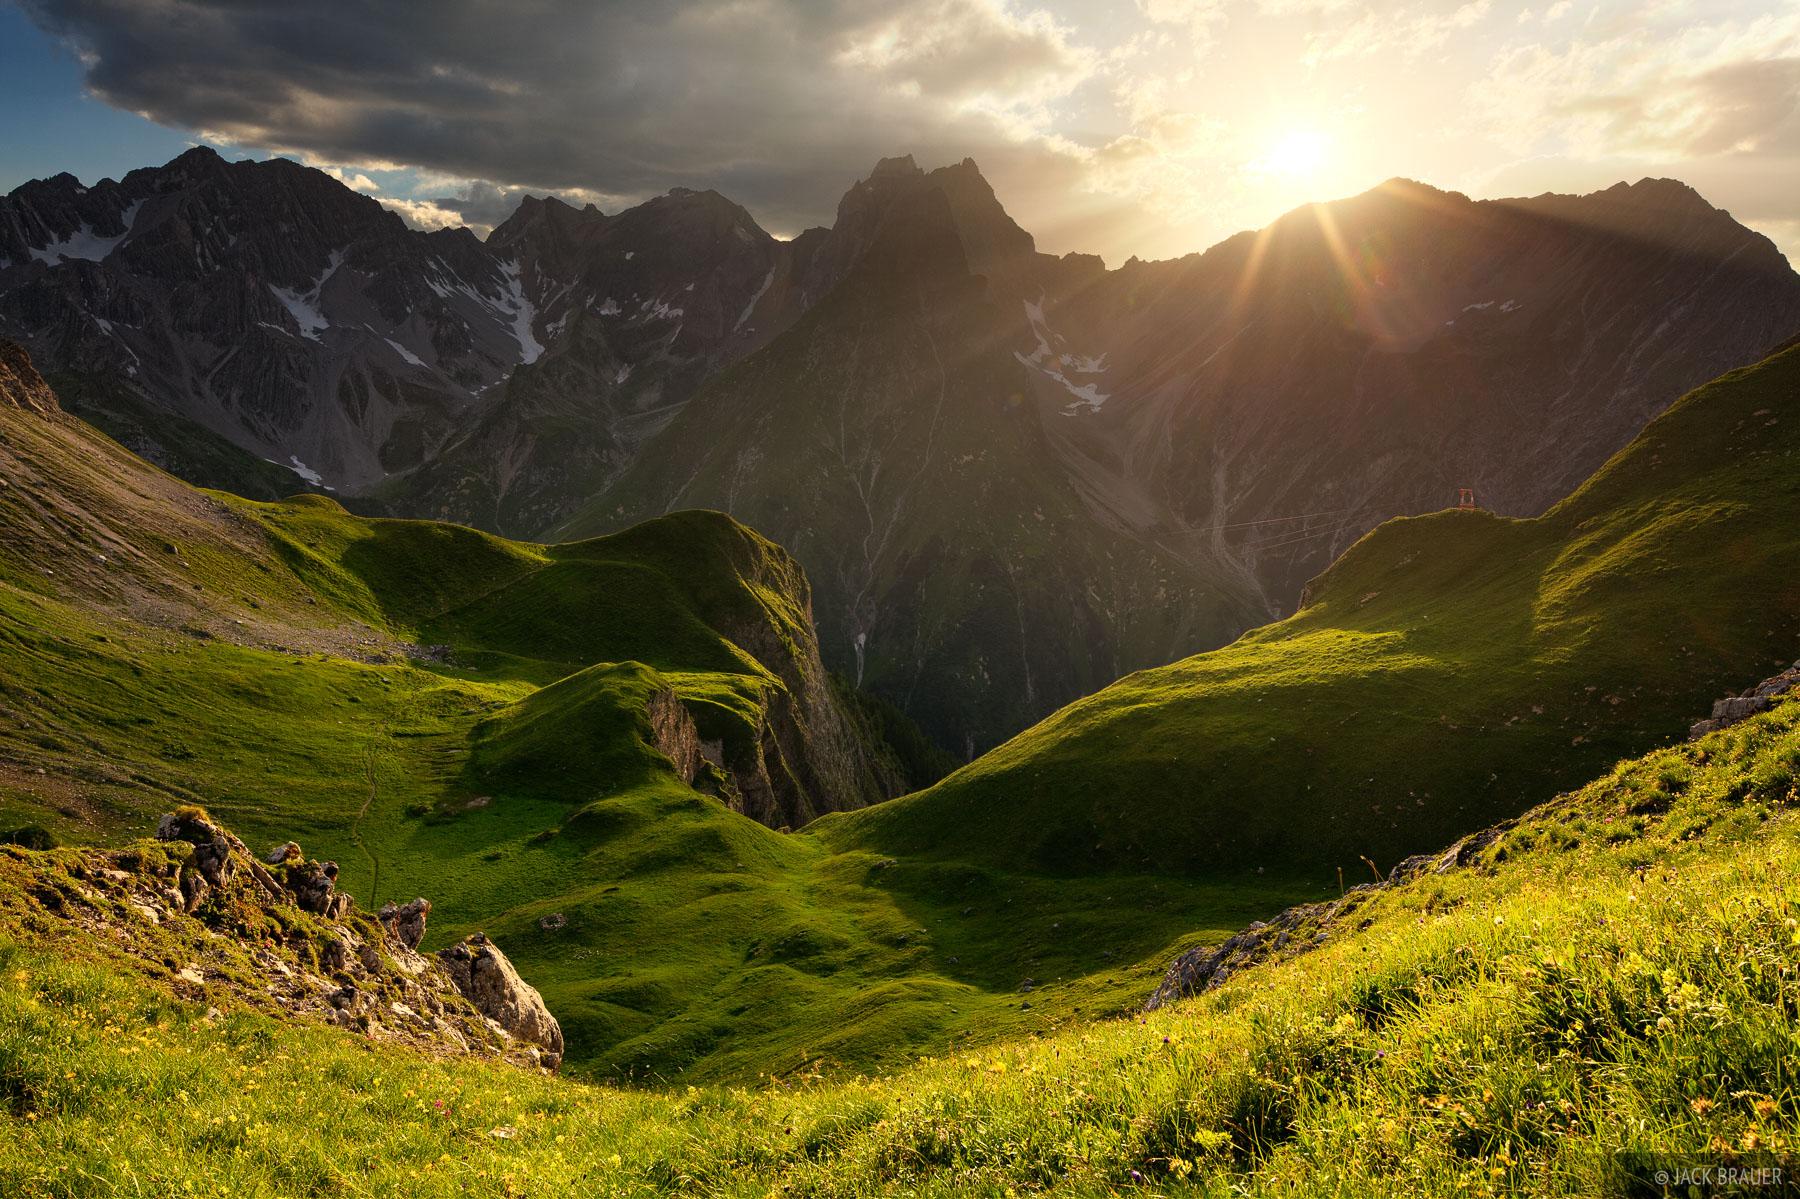 Lechtal Alps, Austria, Memminger H, photo